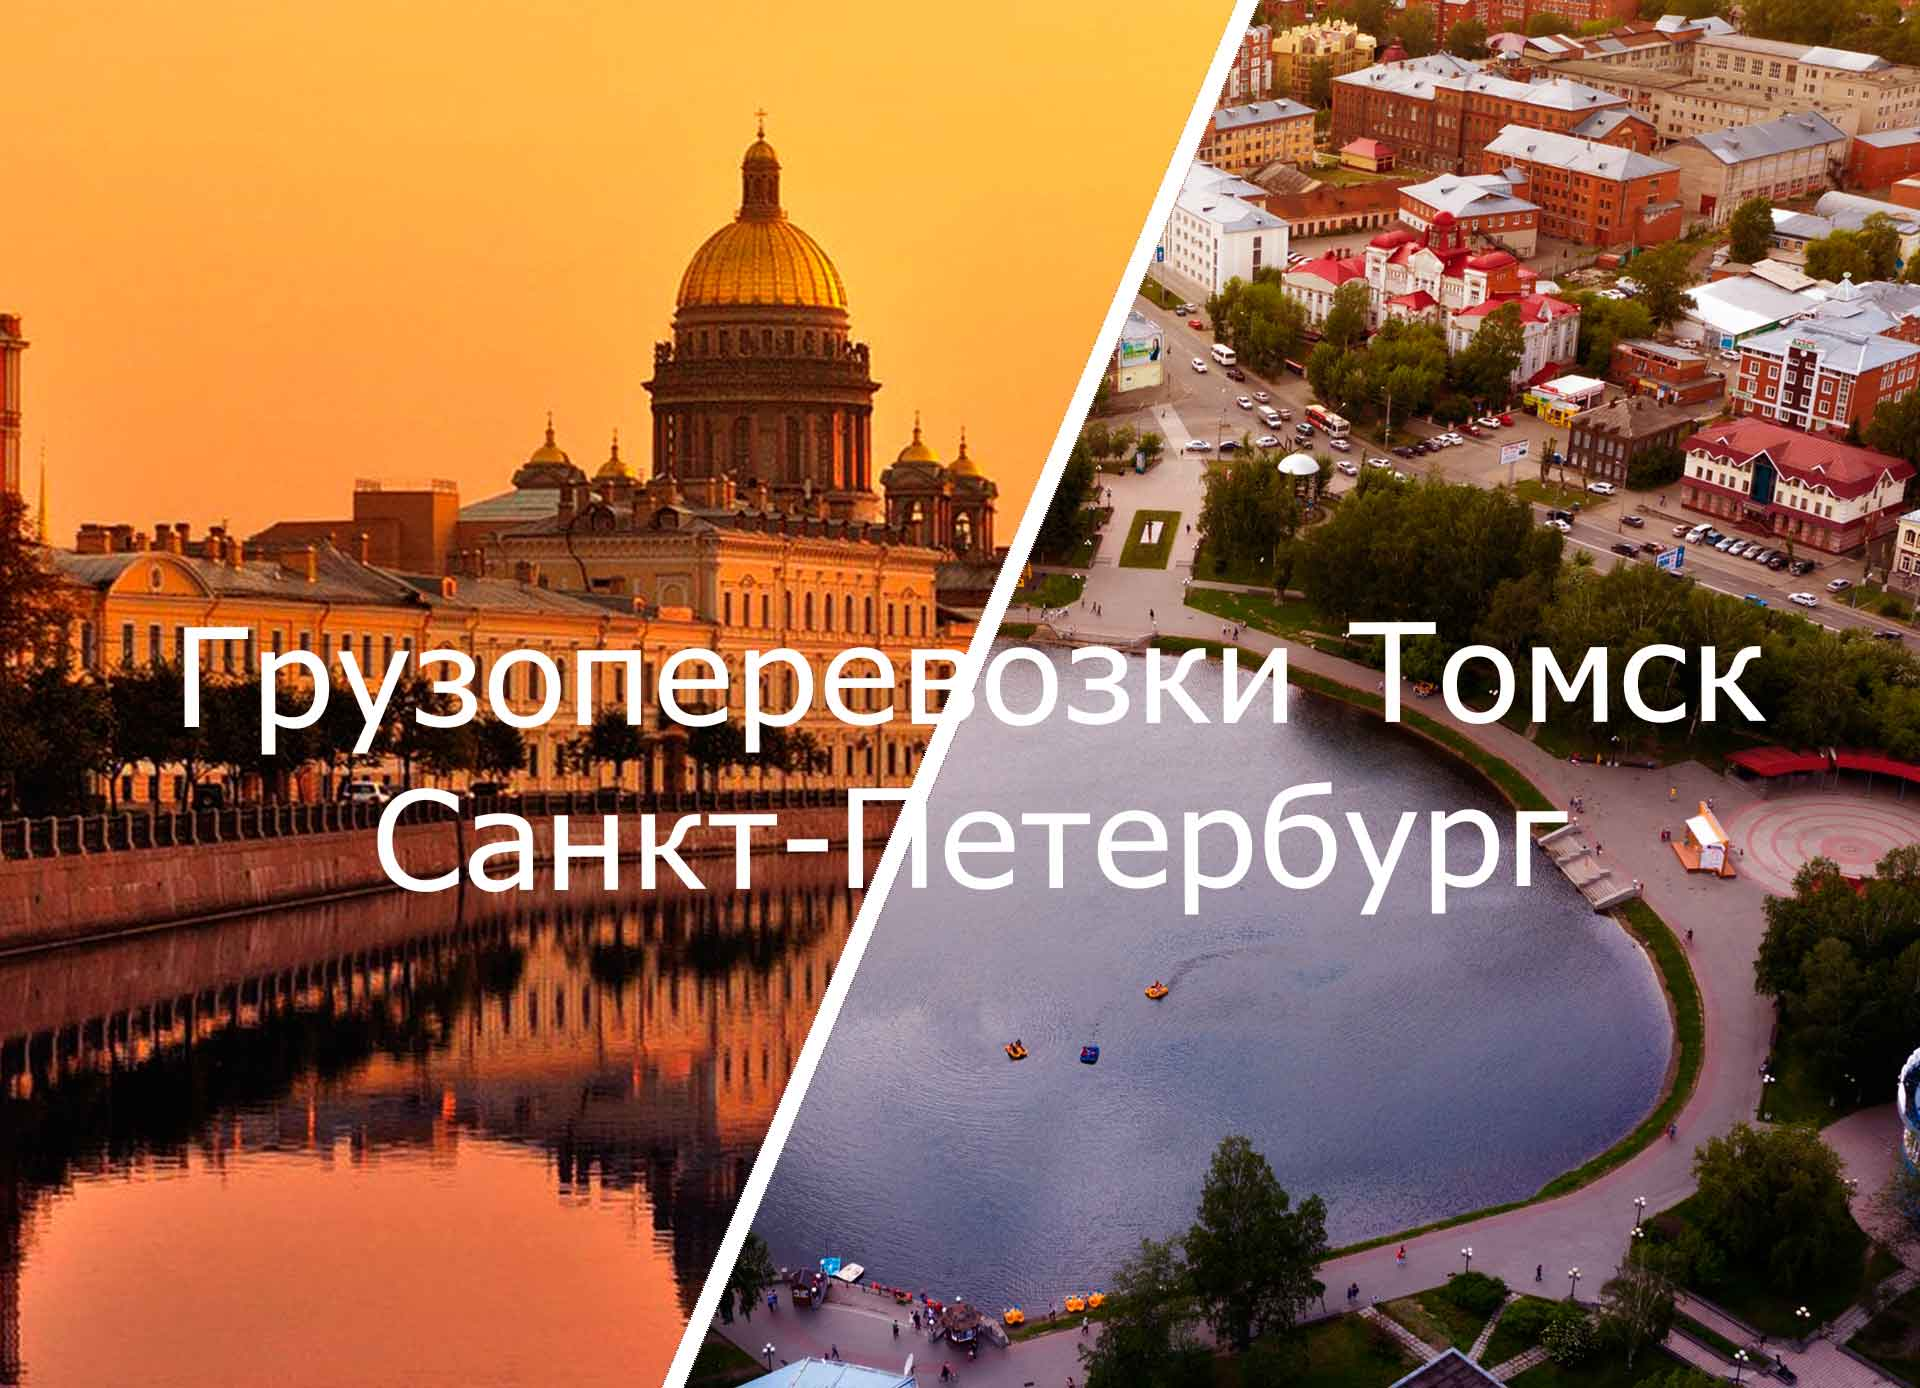 грузоперевозки томск санкт петербург